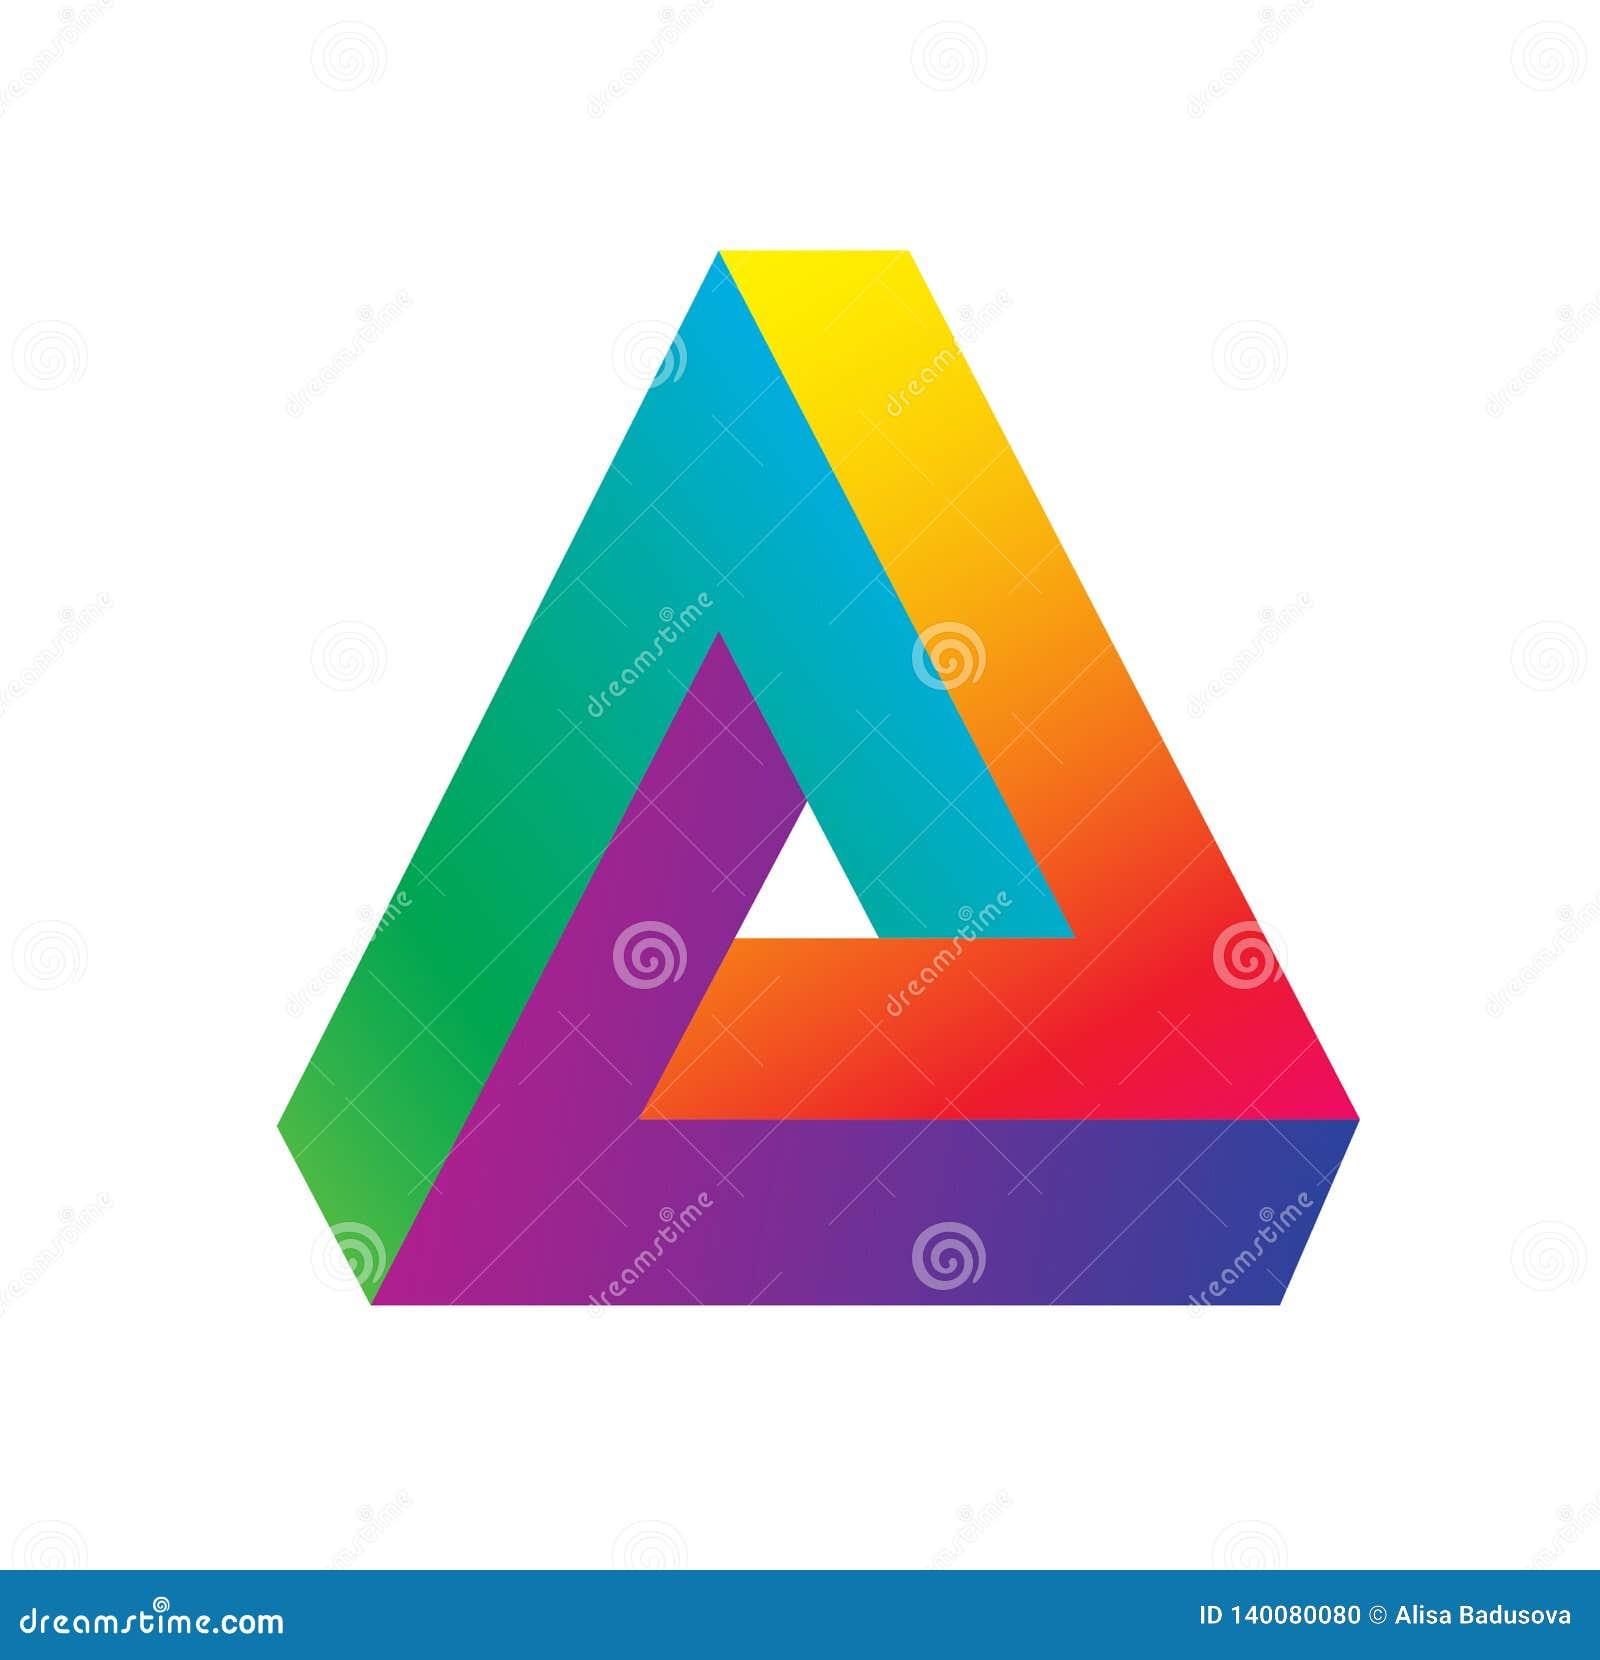 Το λογότυπο τριγώνων isometric, απείρου αιχμηρή παραίσθηση μορφής γωνιών γεωμετρική, hipster μονόγραμμα συγκλίνει επικαλύπτοντας